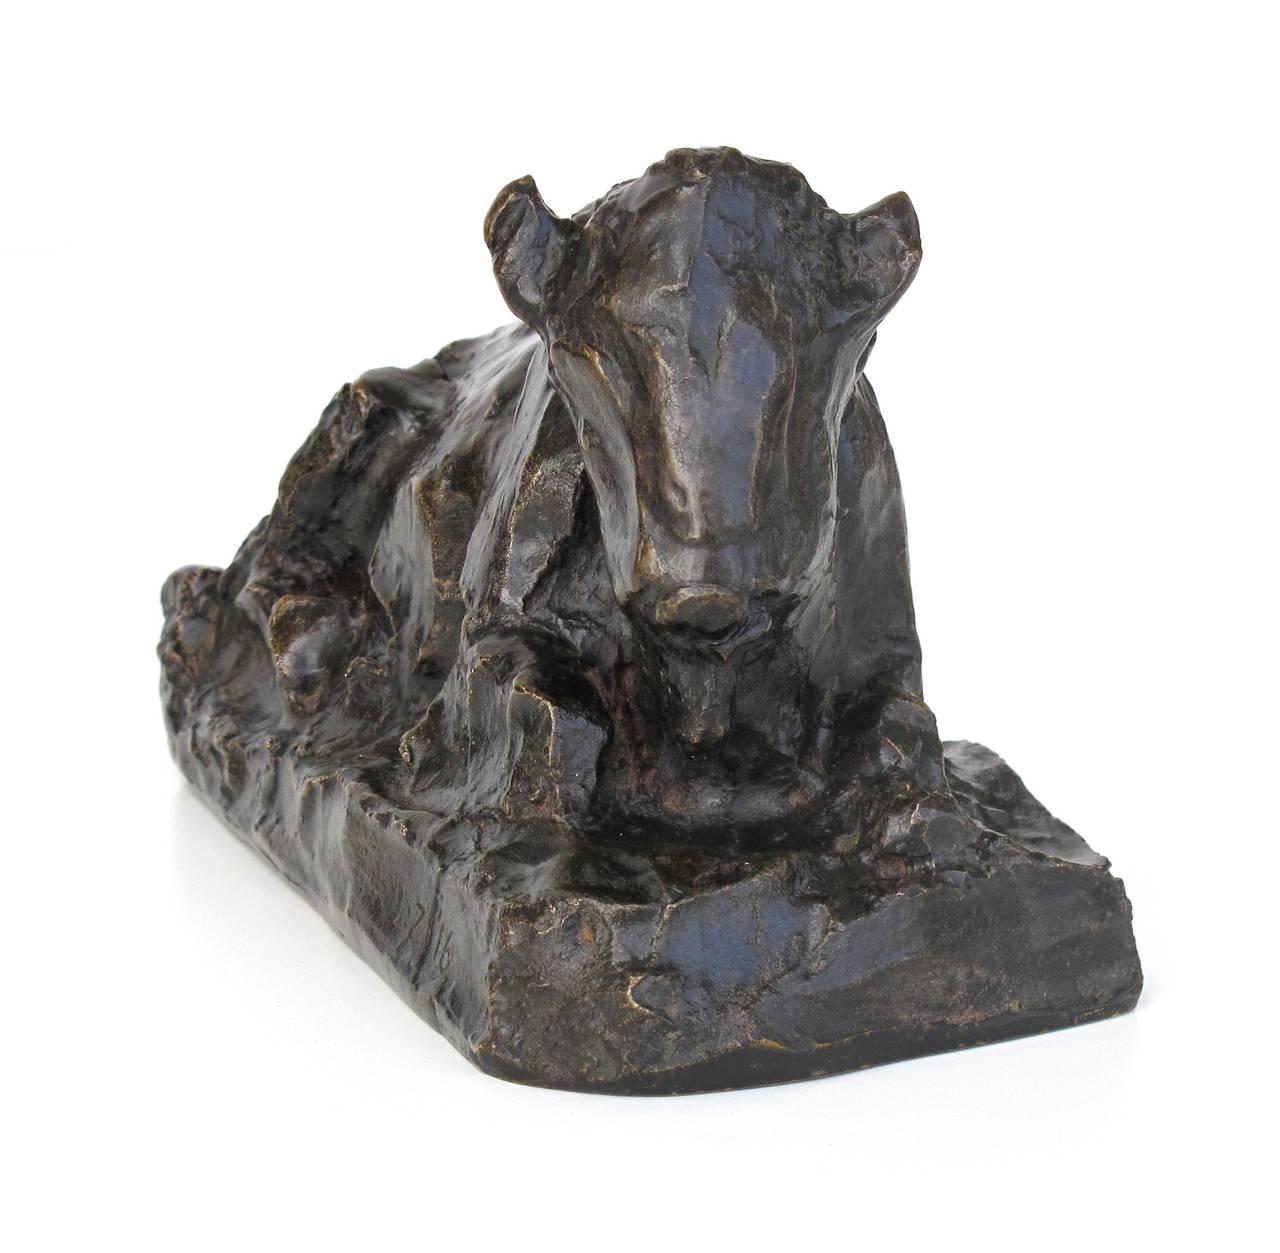 Art Nouveau Placid Bronze Sculpture of a Sitting Ox by Lambertus Zijl, 1916 For Sale